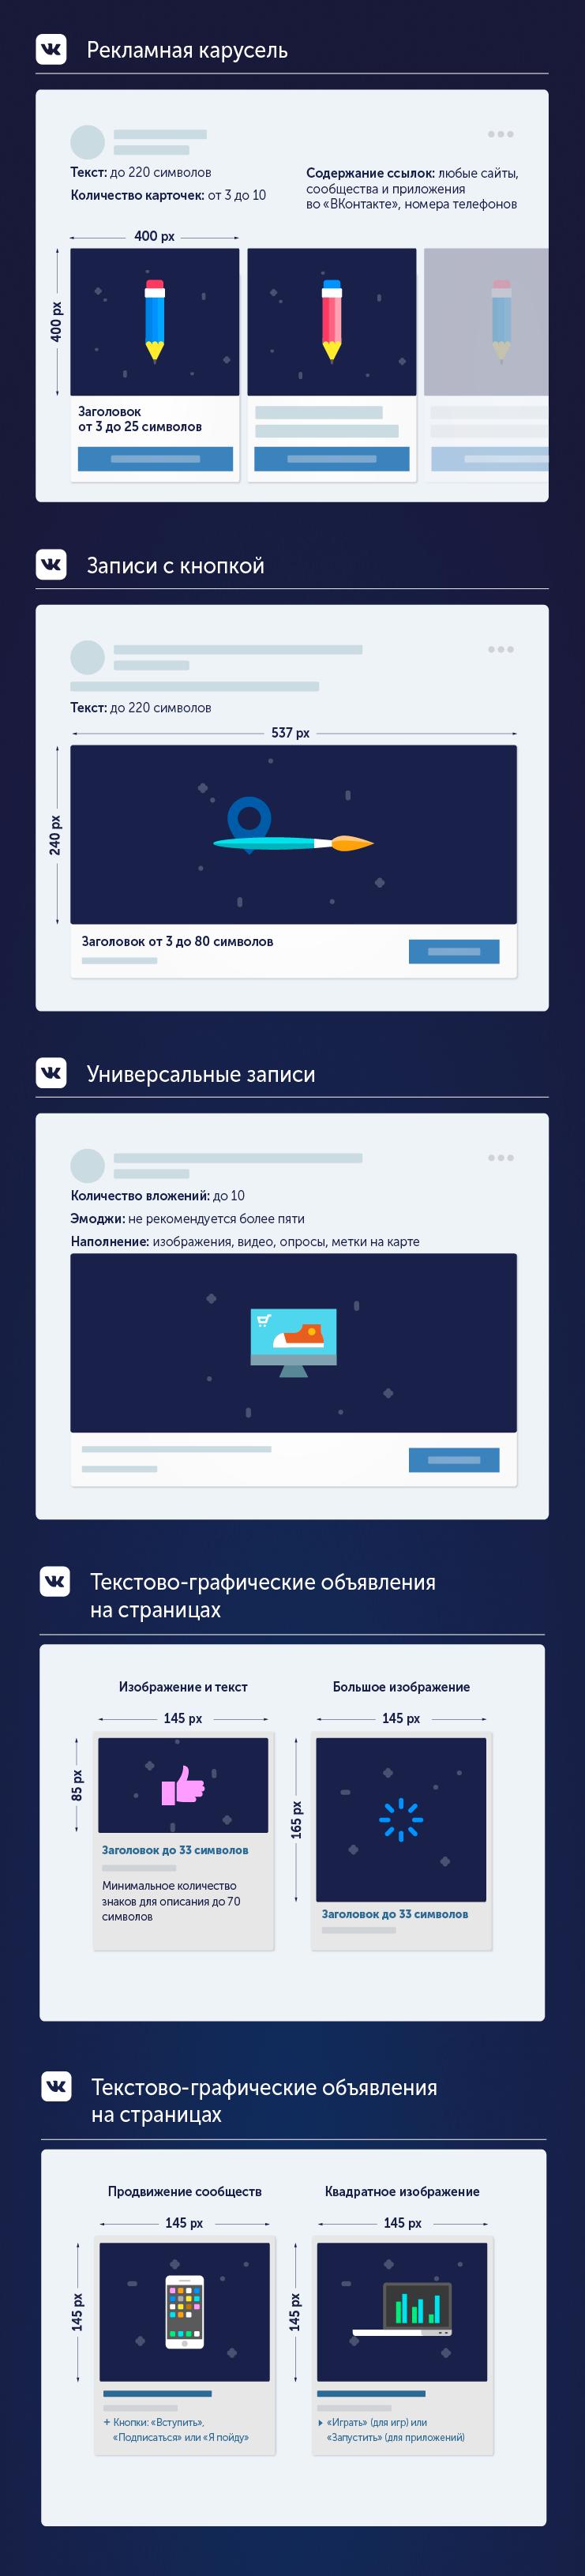 formaty-kartinok-dlya-kreativov-vkontakte-png.34